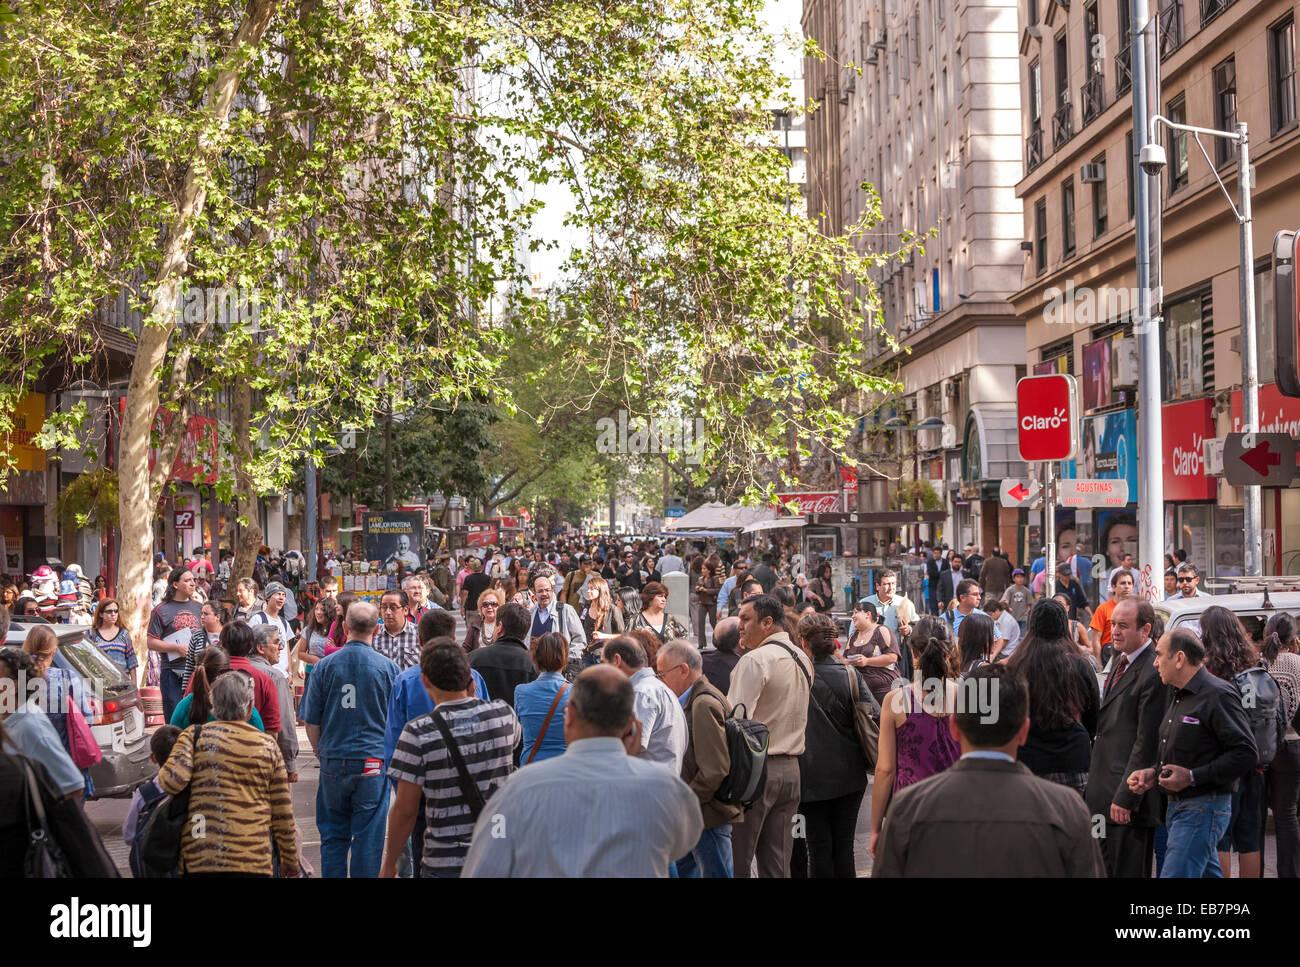 Santiago del Cile, Paseo Ahumada. Una folla di persone, gli amanti dello shopping, passeggiate parlando nella principale Immagini Stock